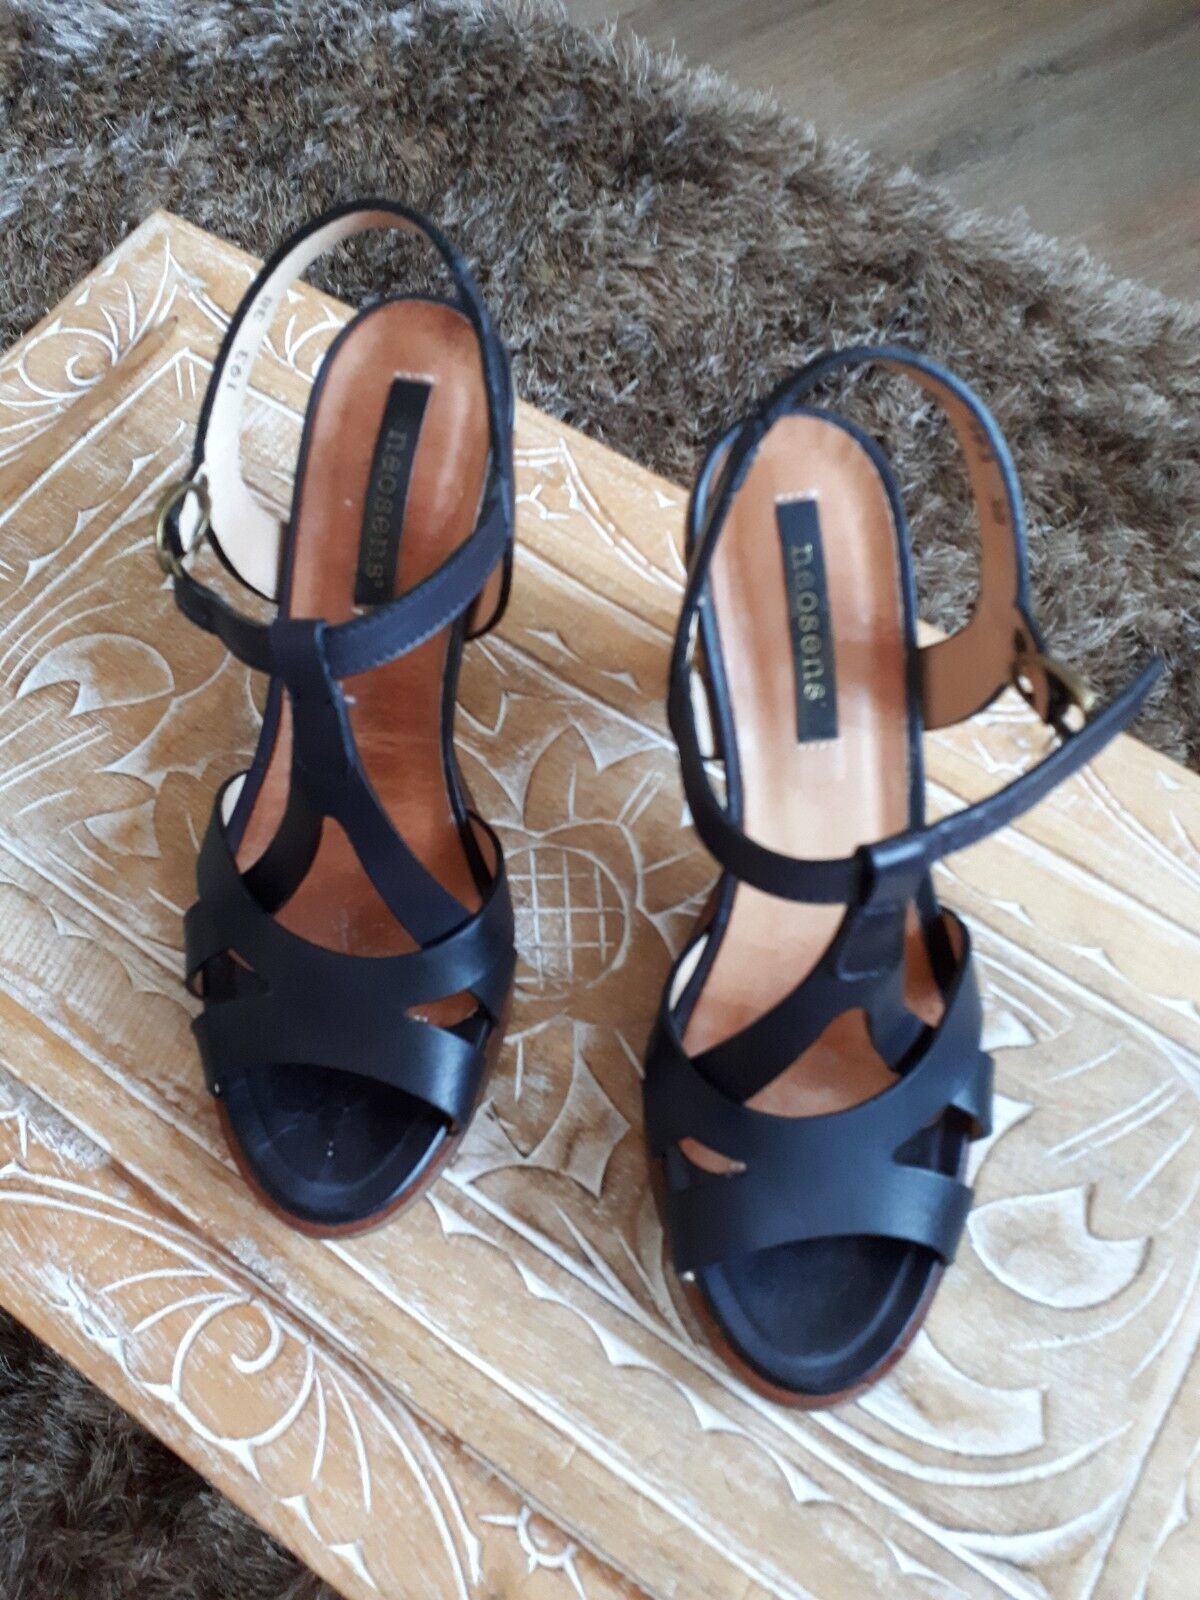 Neosens Neosens Neosens Sandale schwarz Größe 38 NEU, Super günstig 6cd1dc